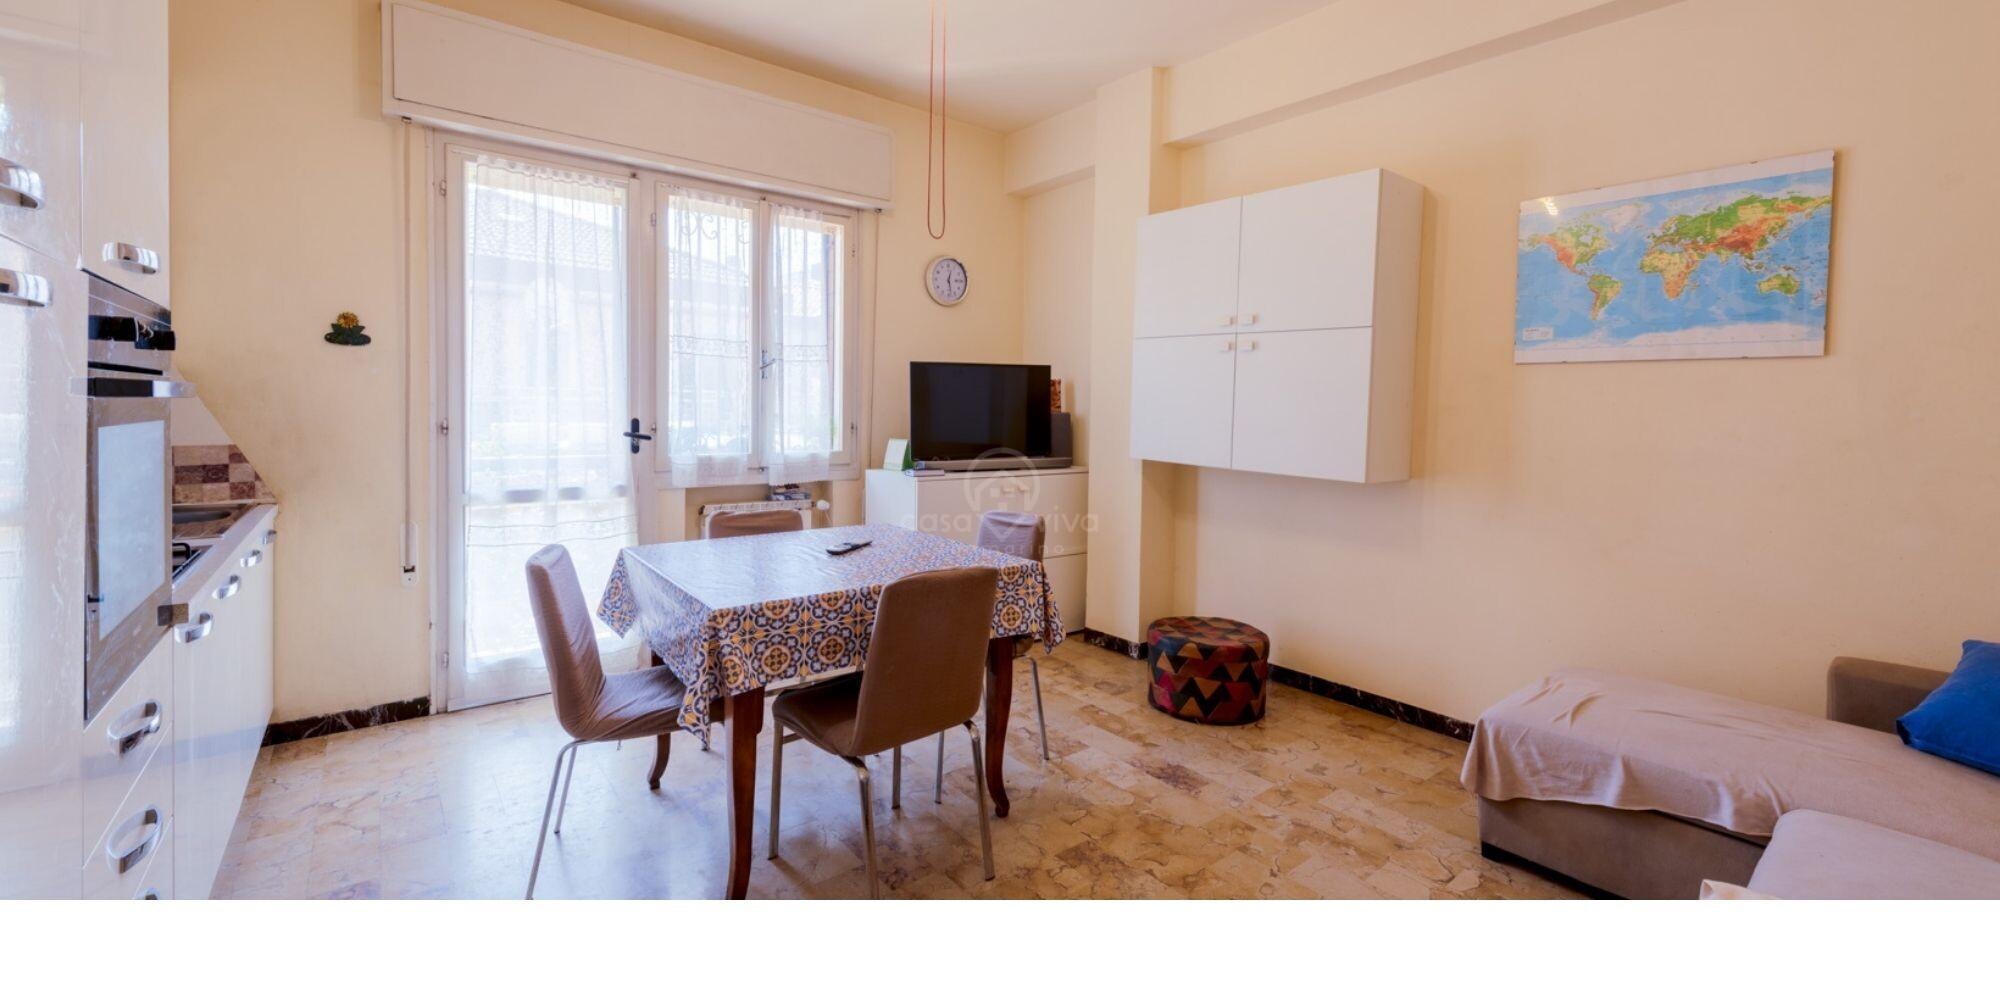 Bellariva: ampio e luminoso appartamento a 100 metri dal mare